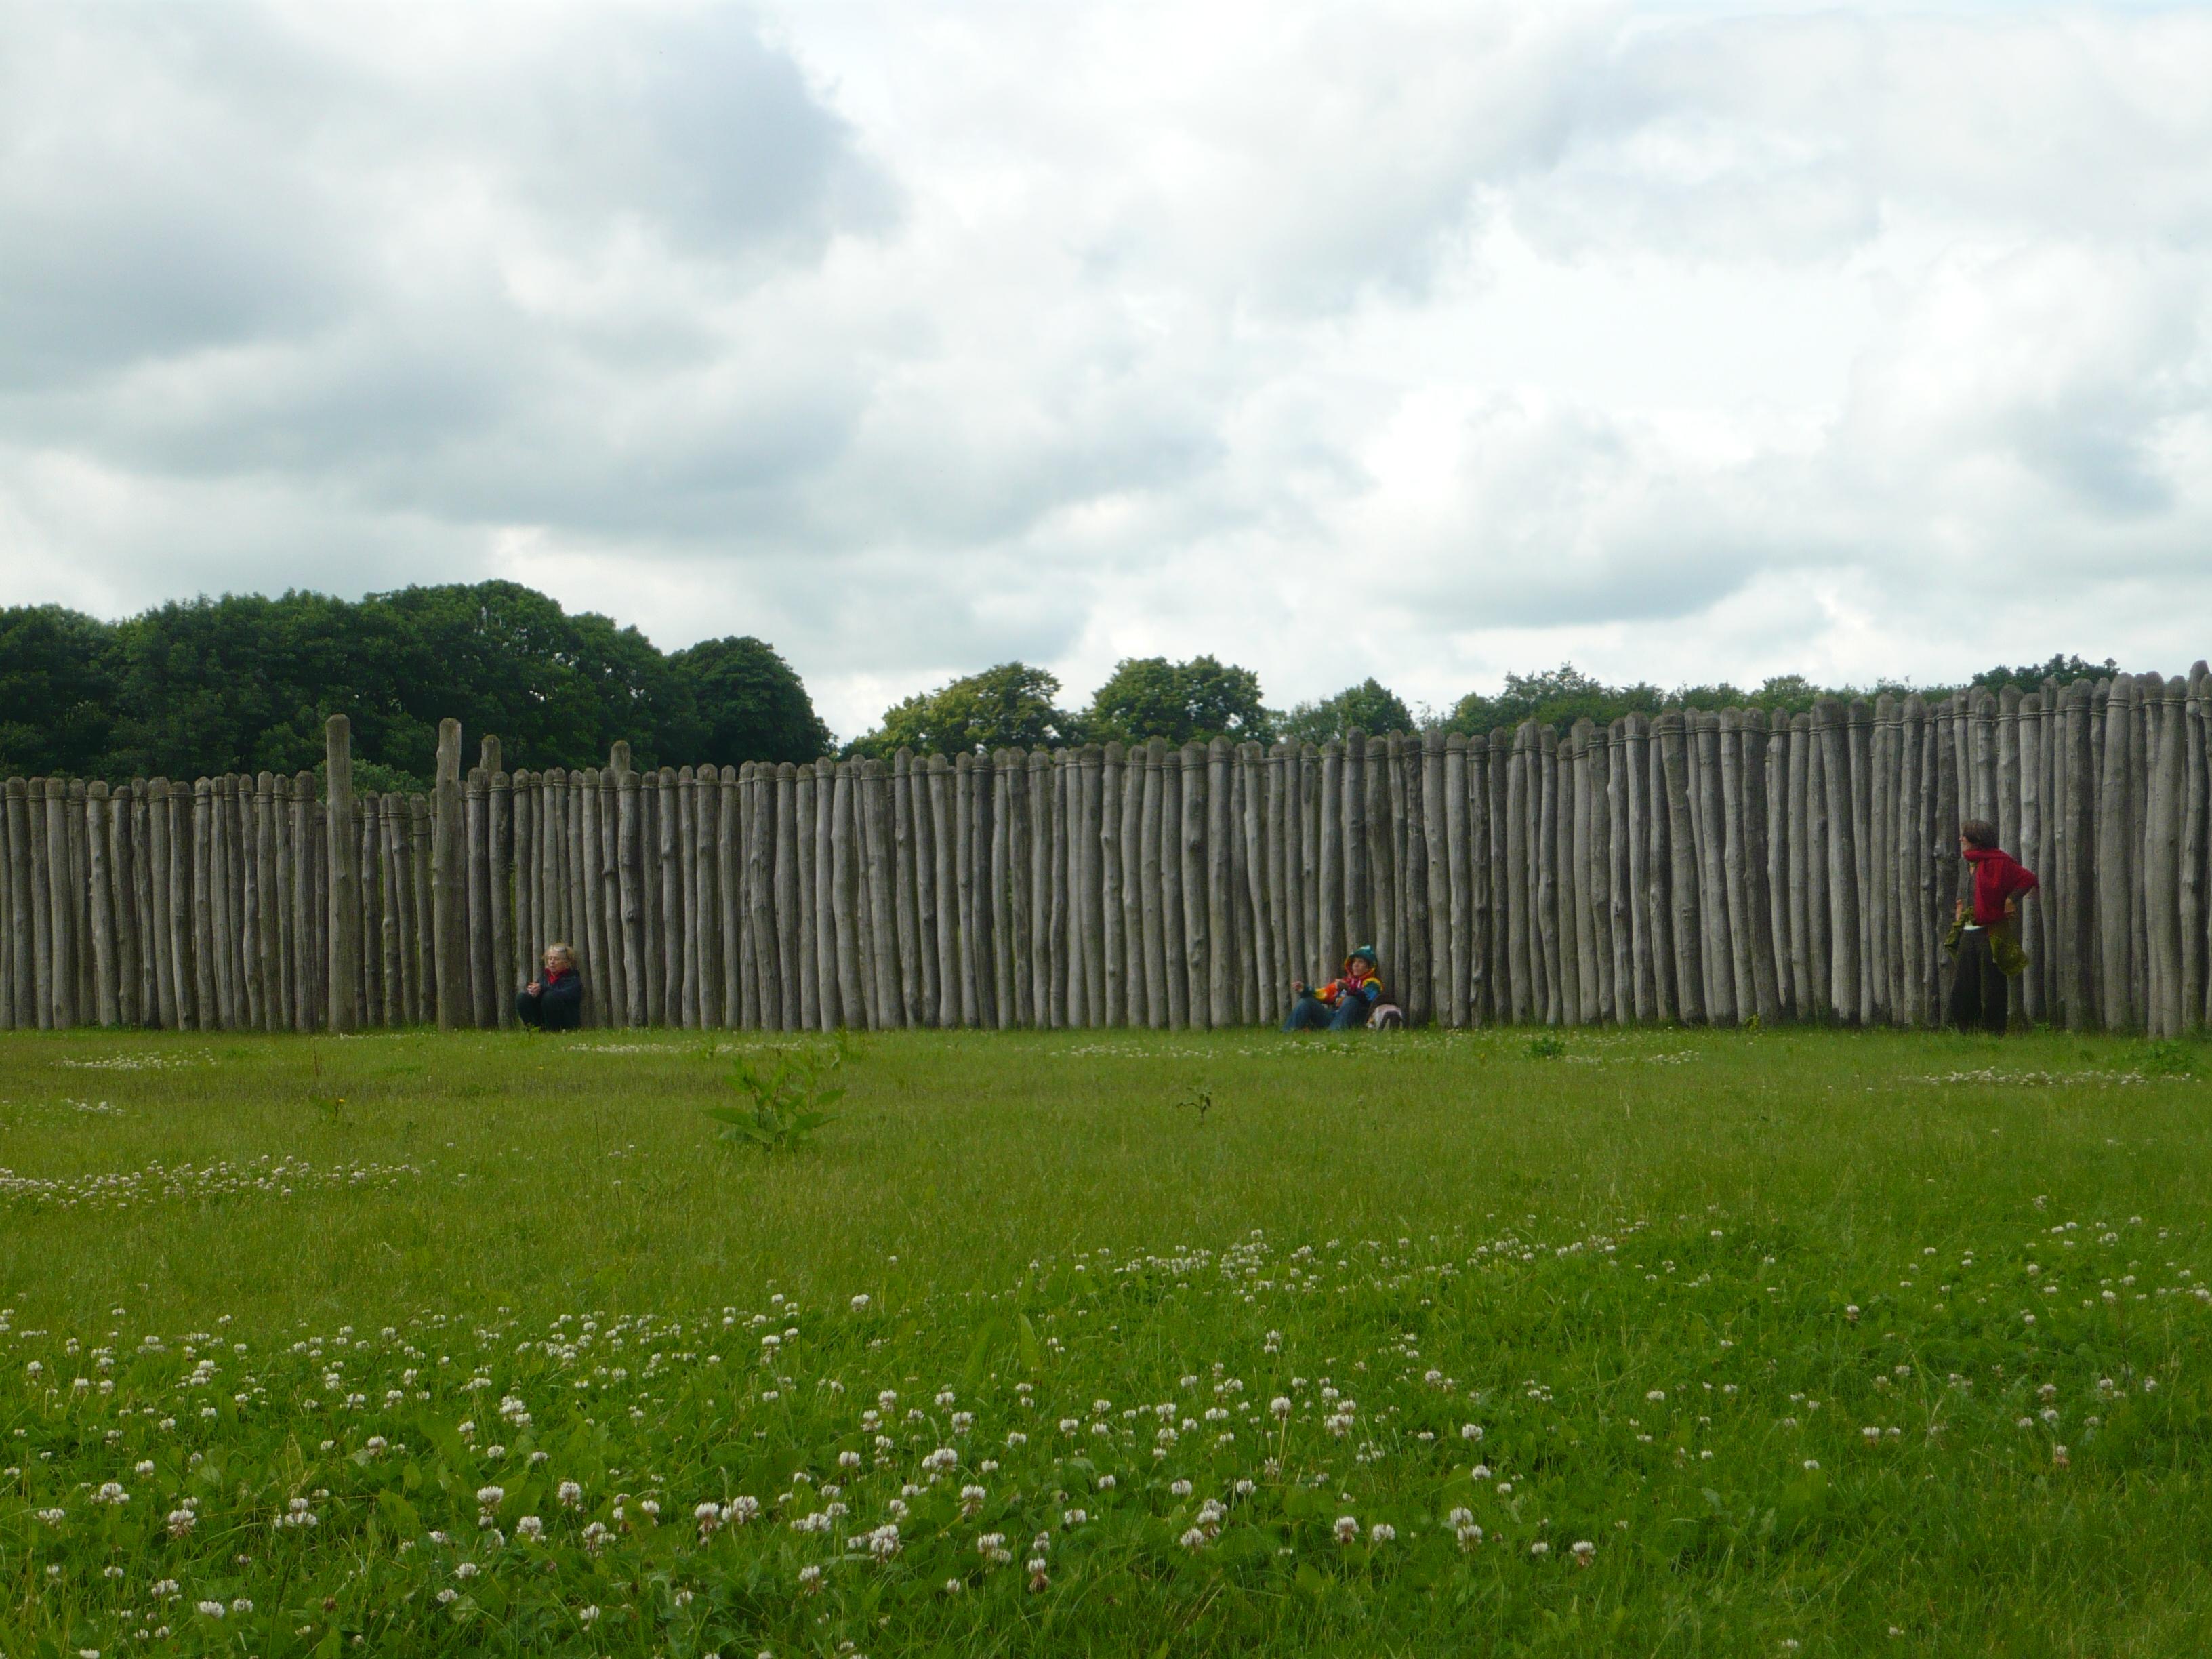 Sonnenobservatorium in Goseck, Sachsen-Anhalt, vor rund 7000 Jahren, lange vor Stonehenge in Kreisform aus Holz gebaut (heutiger Nachbau).